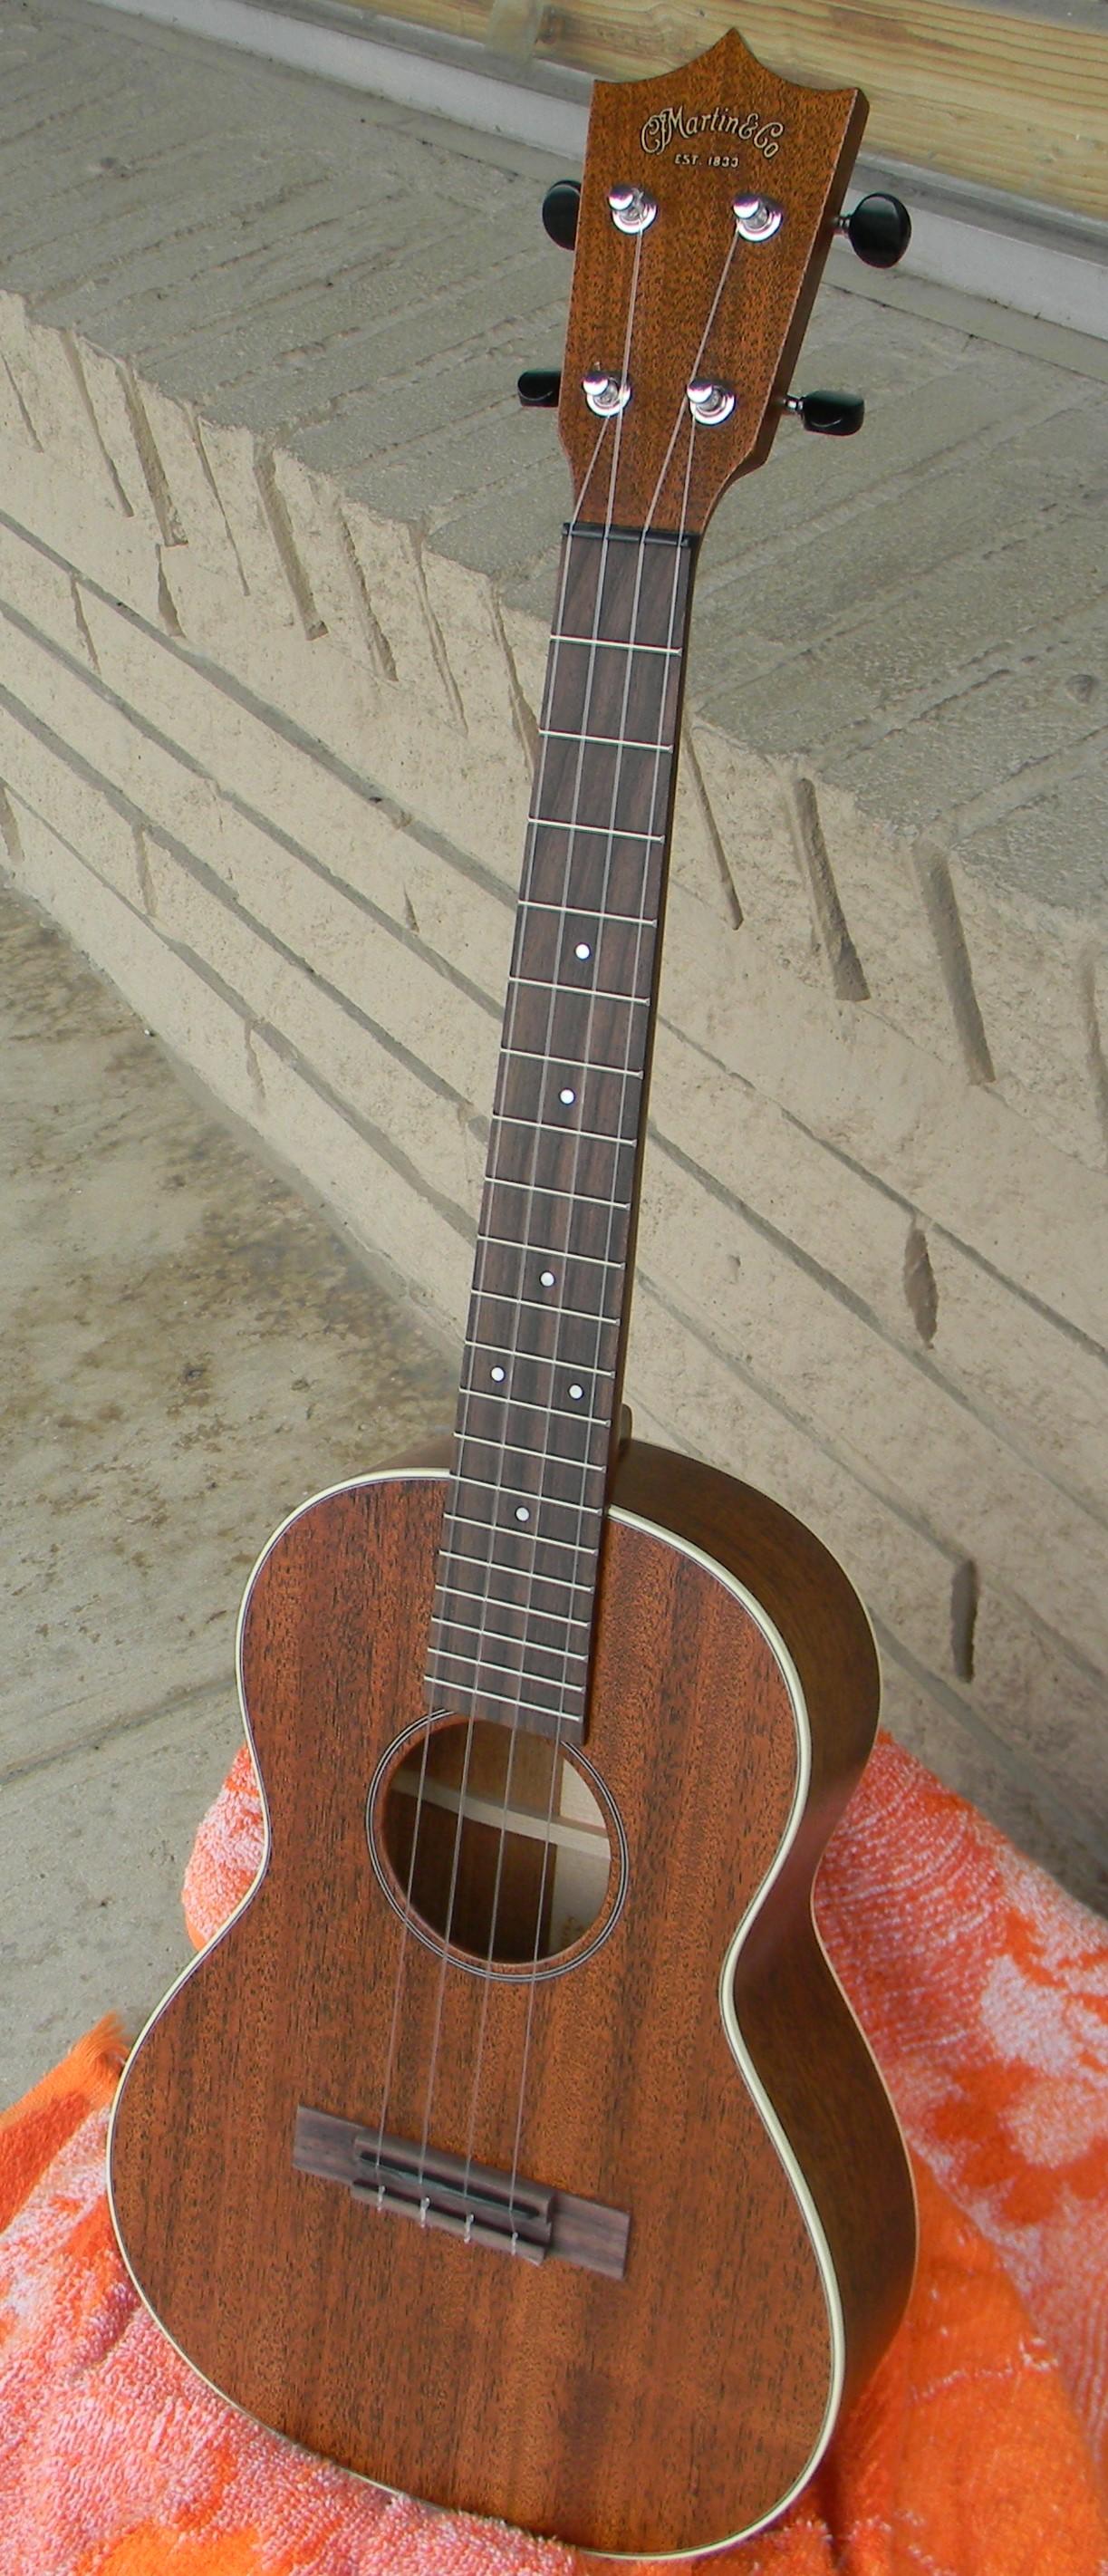 Style 2 tenor ukulele $1,659.00